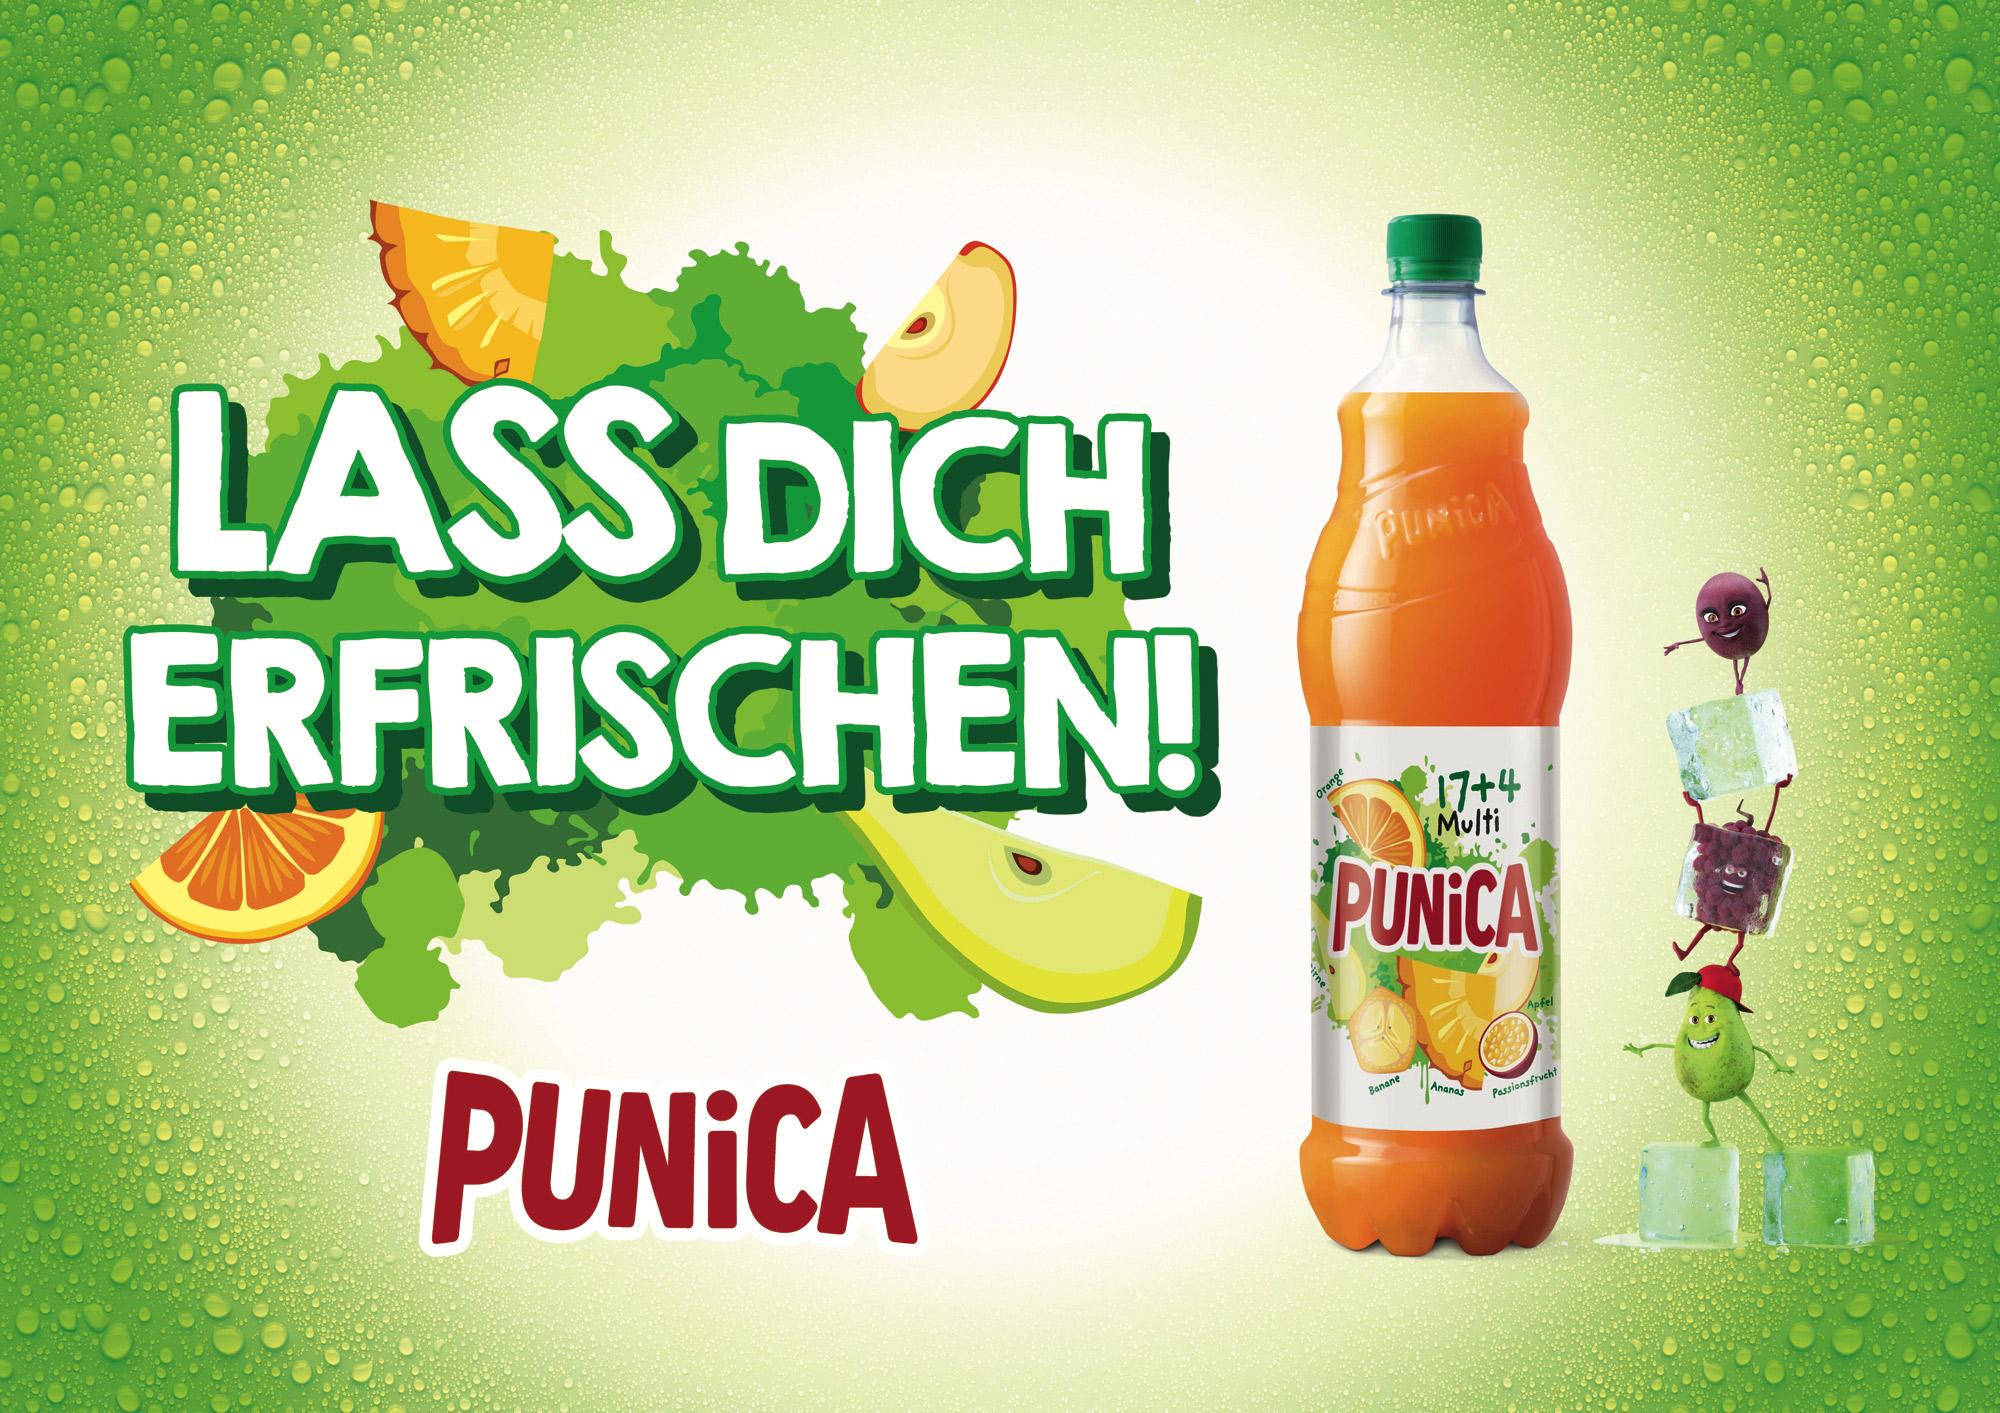 Punica – Lass Dich erfrischen!, Quelle: PepsiCo Deutschland